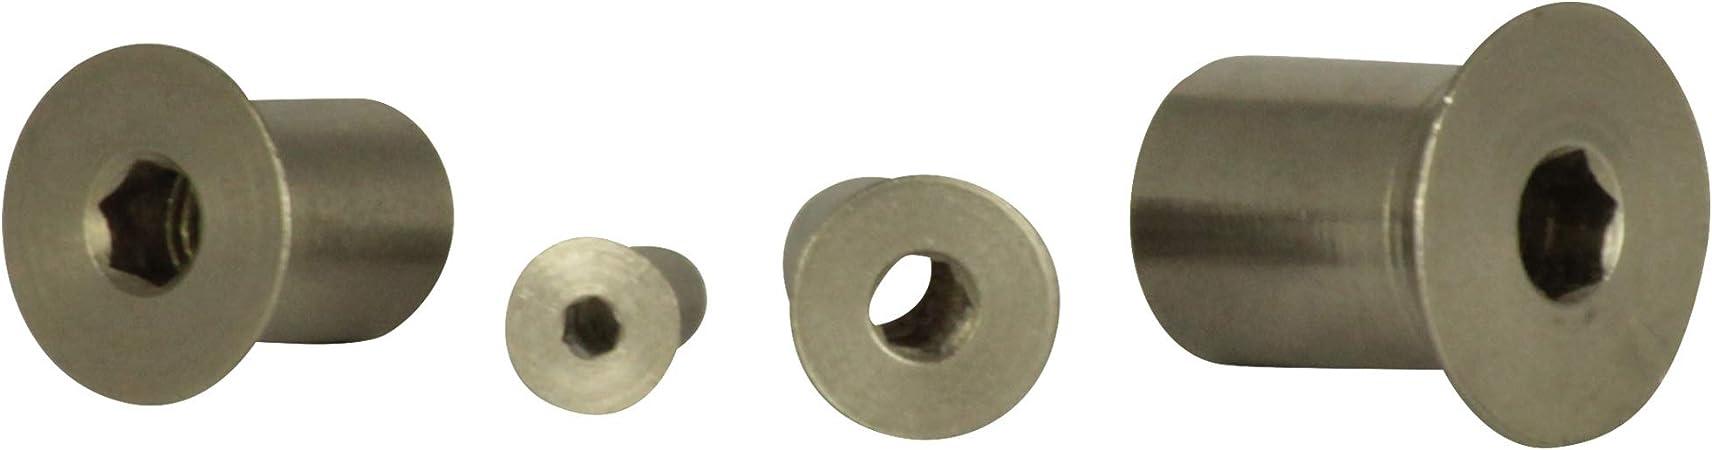 H/ülsenmuttern mit Senkkopf und Innensechskant - aus rostfreiem Edelstahl A1 50 St/ück - Antrieb SC-Normteile/® - NIRO M6x16 - VA SC9062 ISK